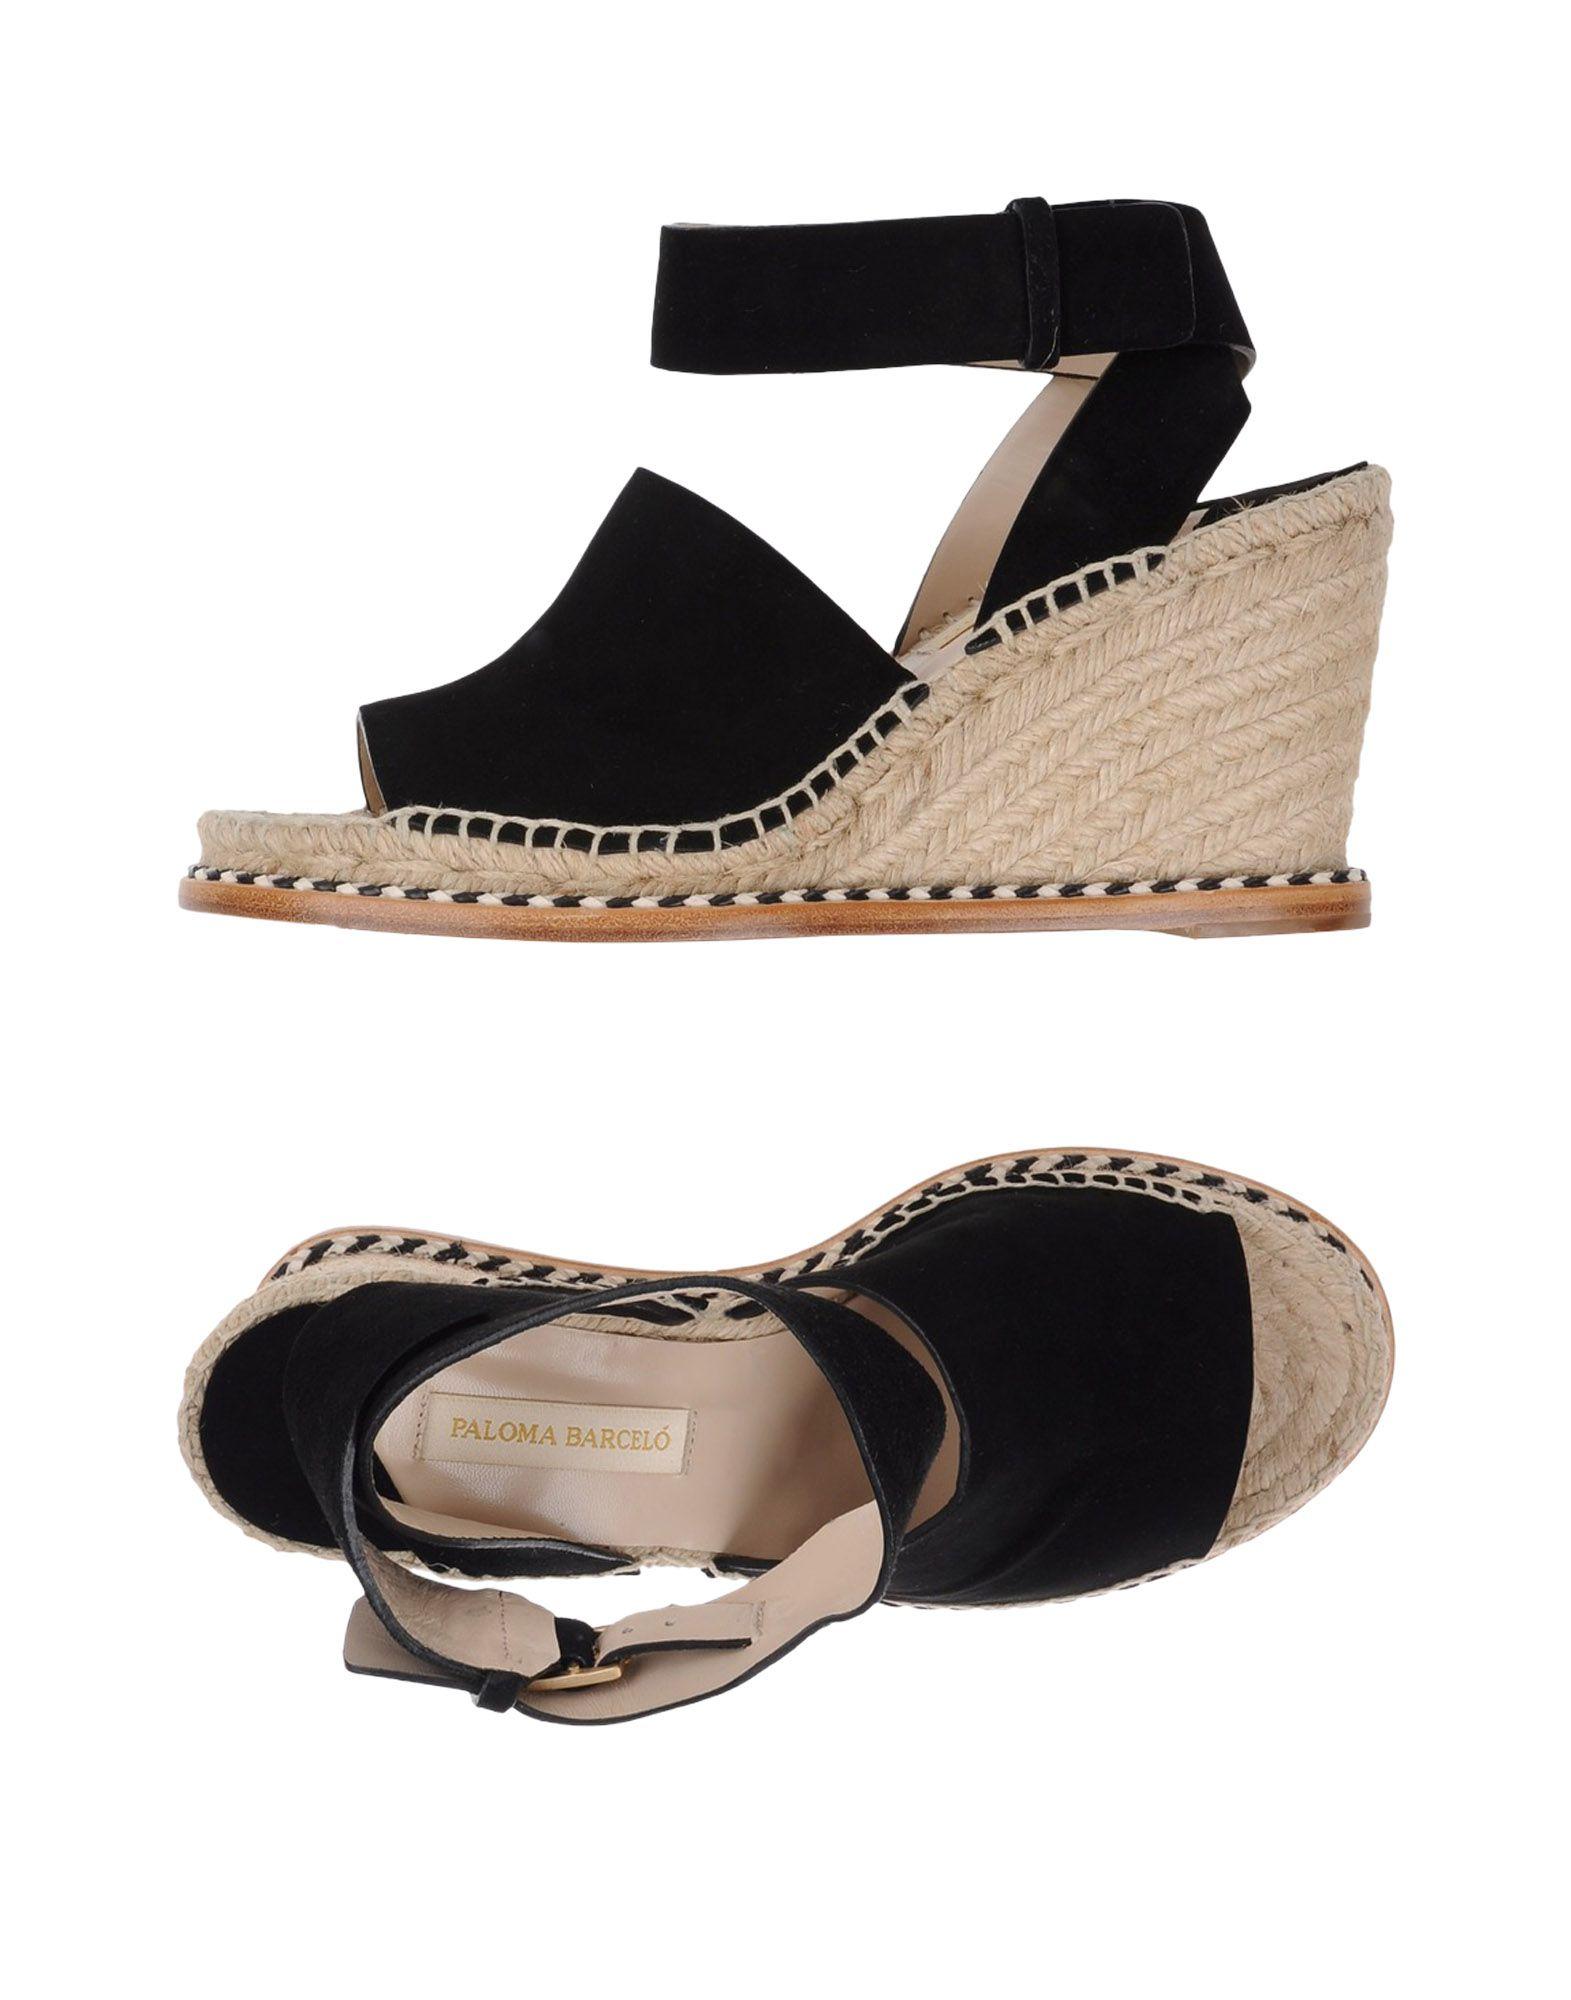 Paloma Paloma Paloma Barceló Sandalen Damen  11333425VL Gute Qualität beliebte Schuhe a7c90e